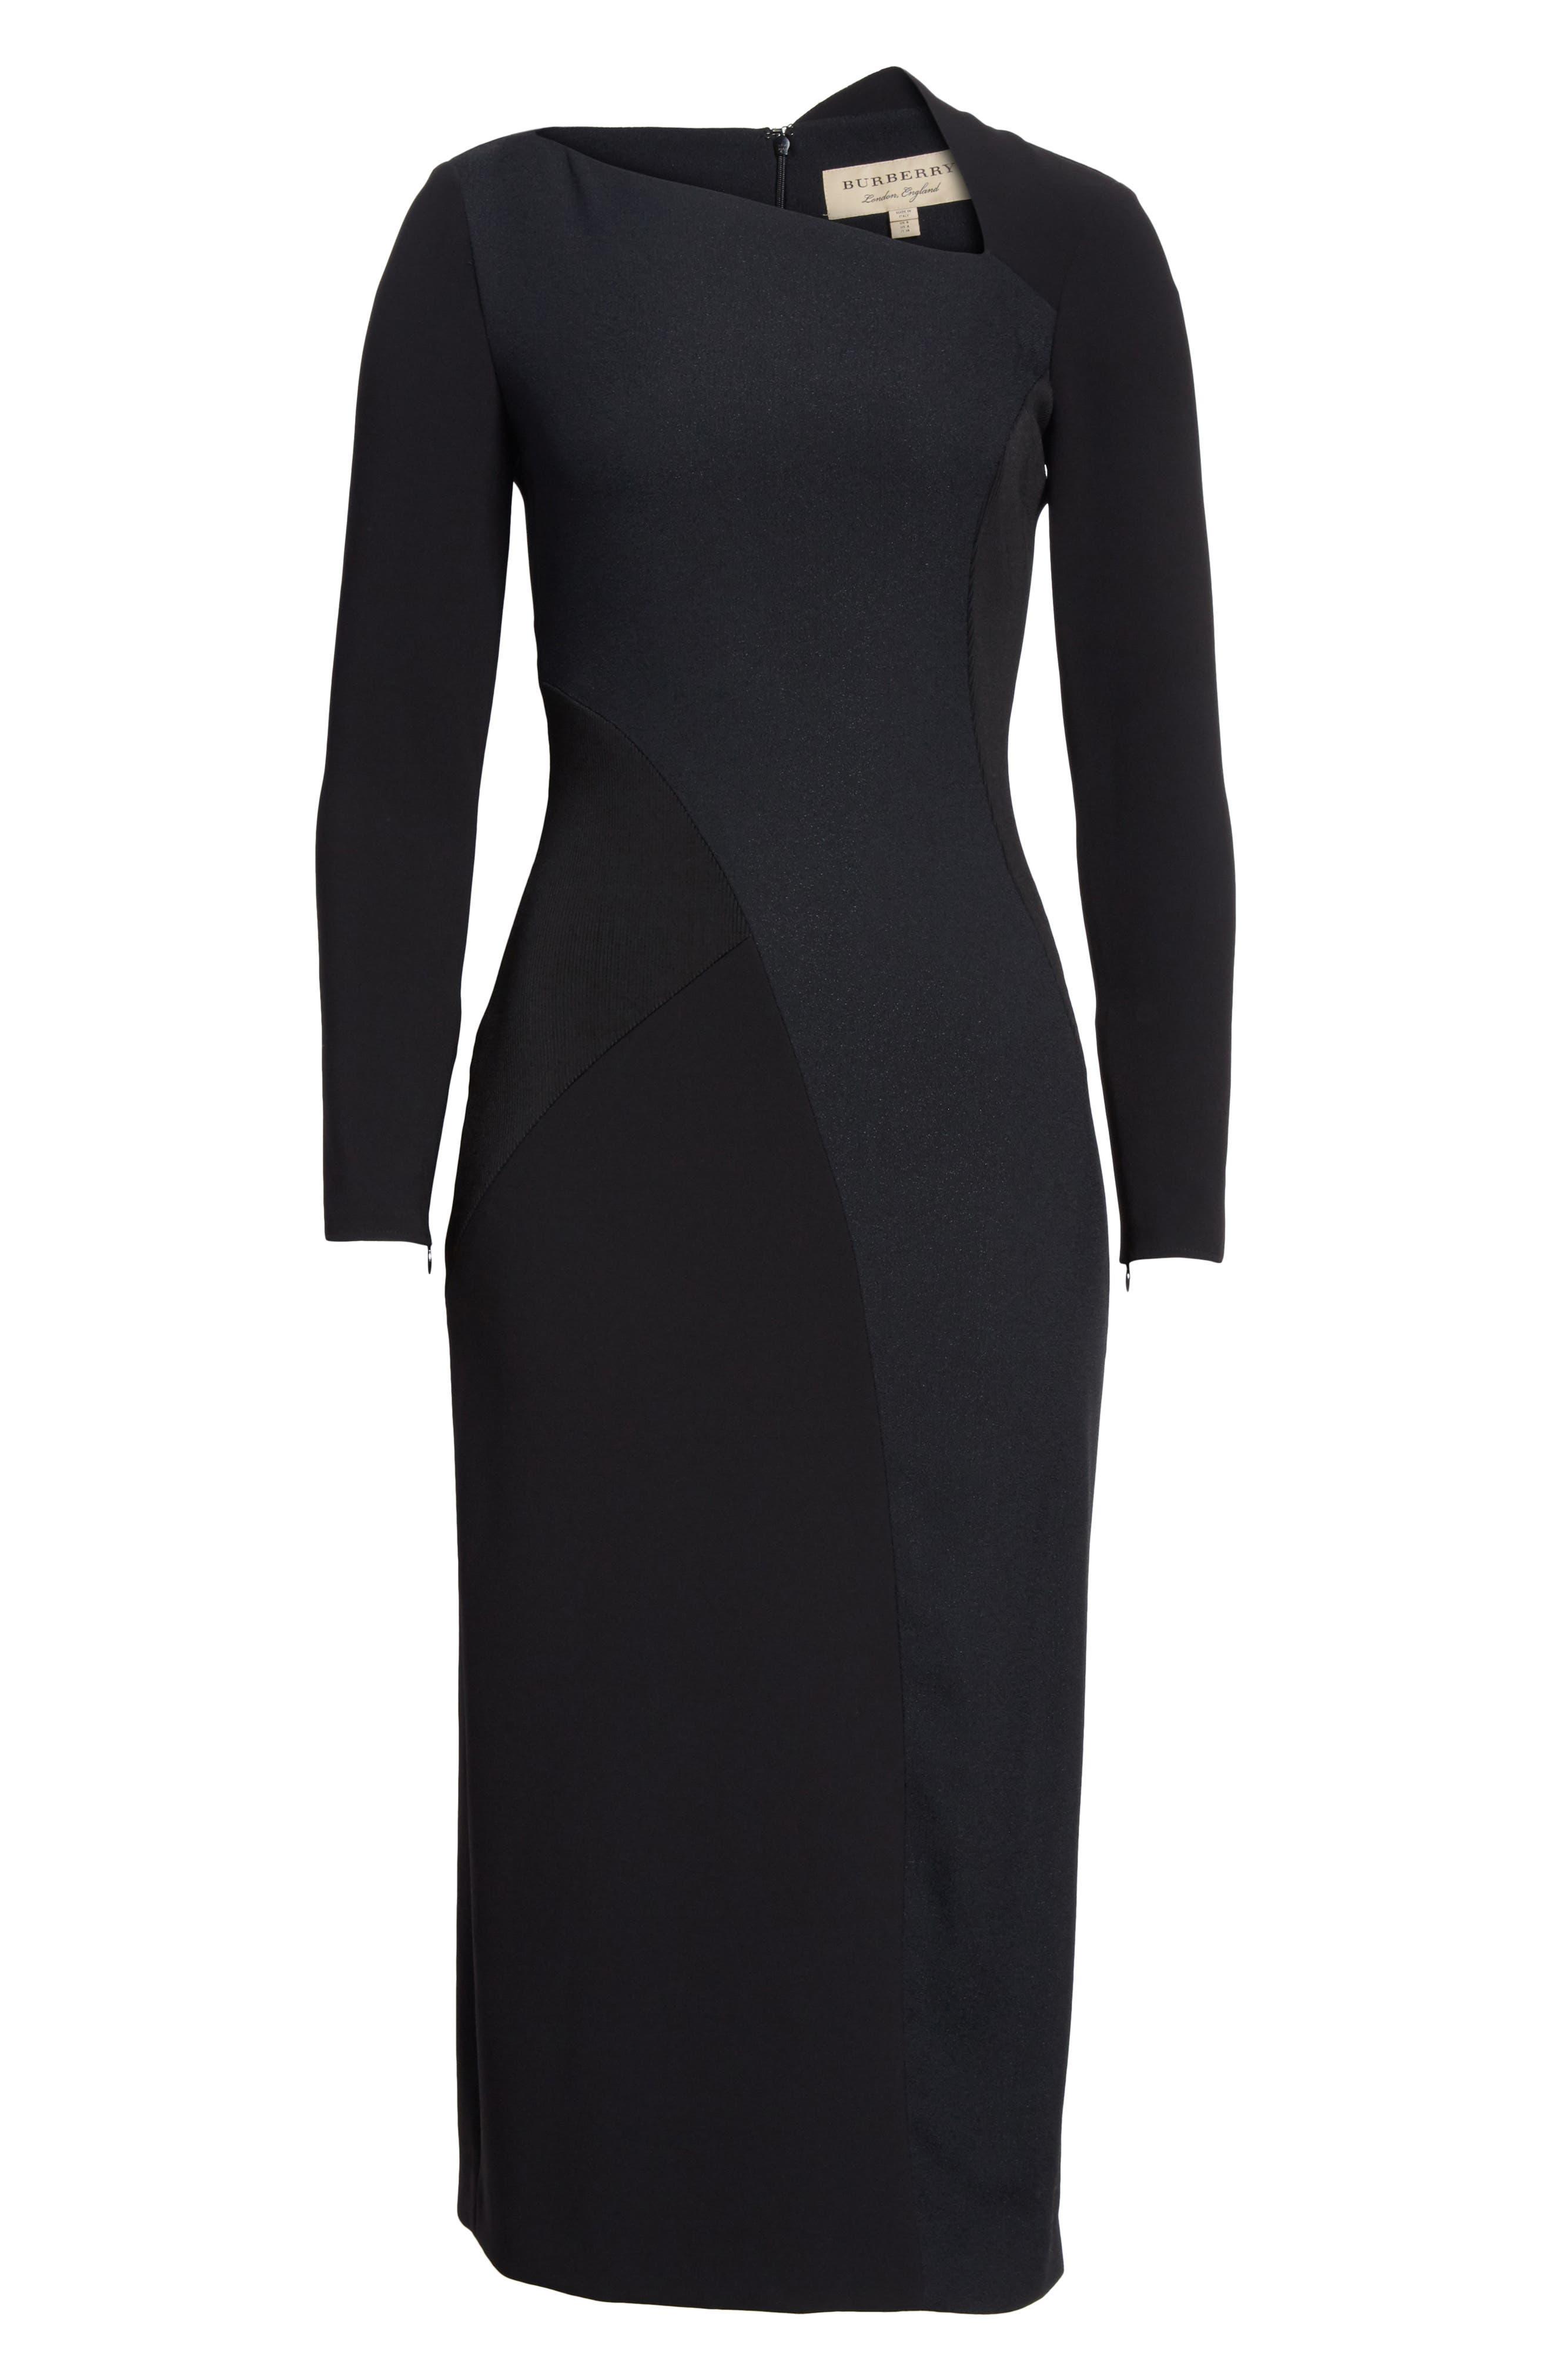 Fabiana Slash Neck Panel Dress,                             Alternate thumbnail 6, color,                             001